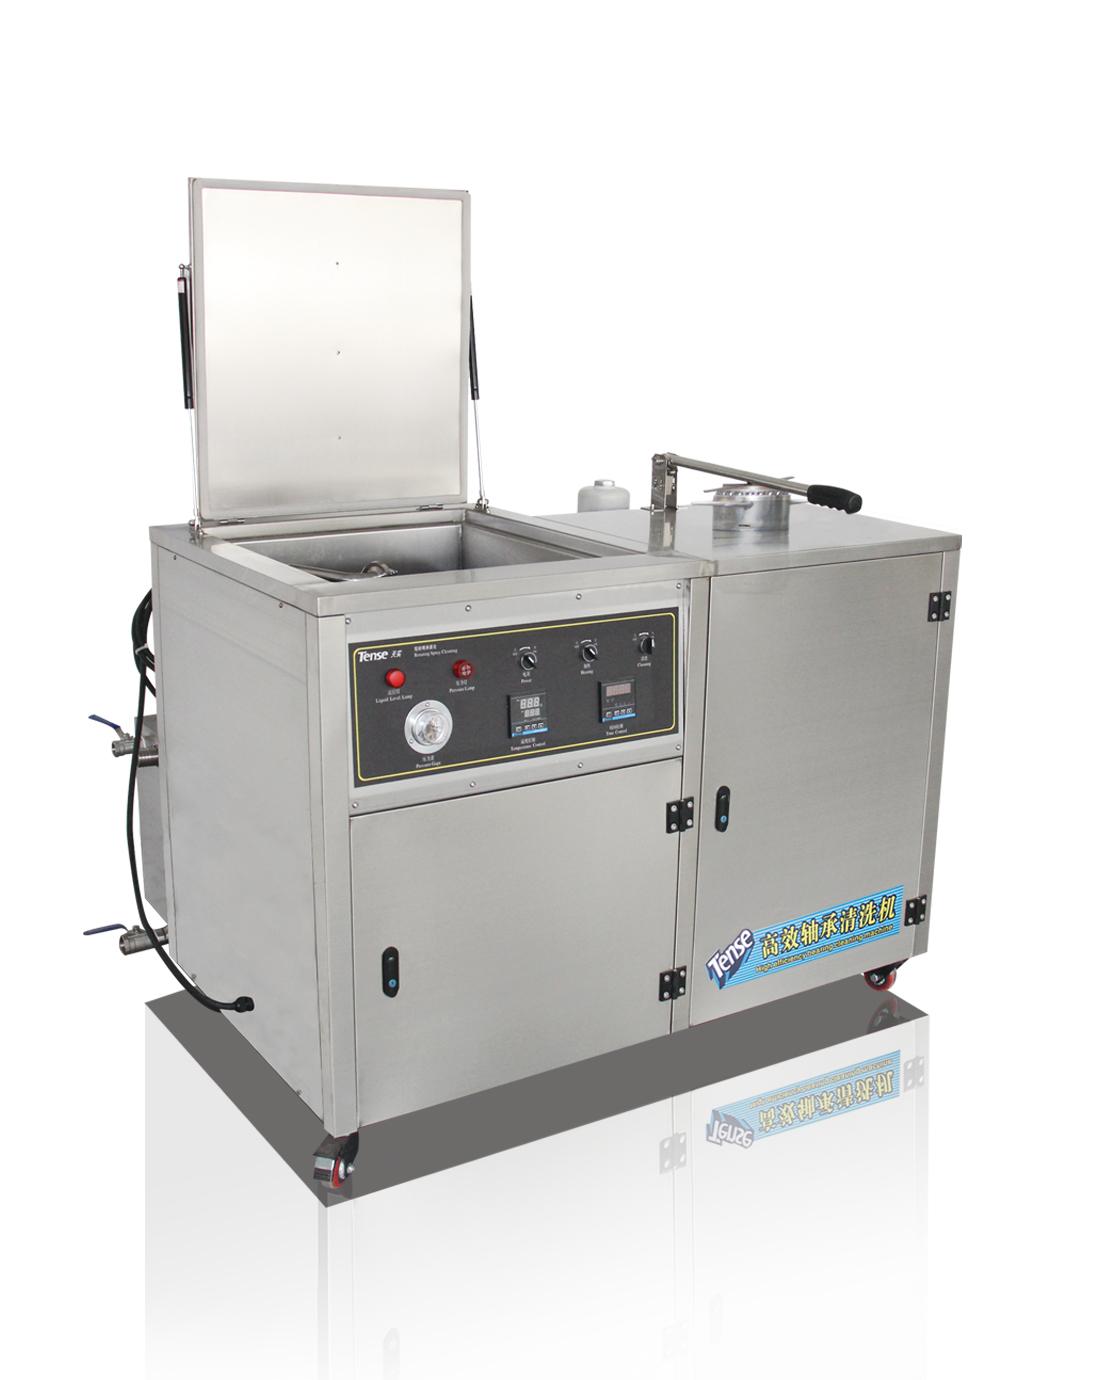 TS-L-S1000Cjpg